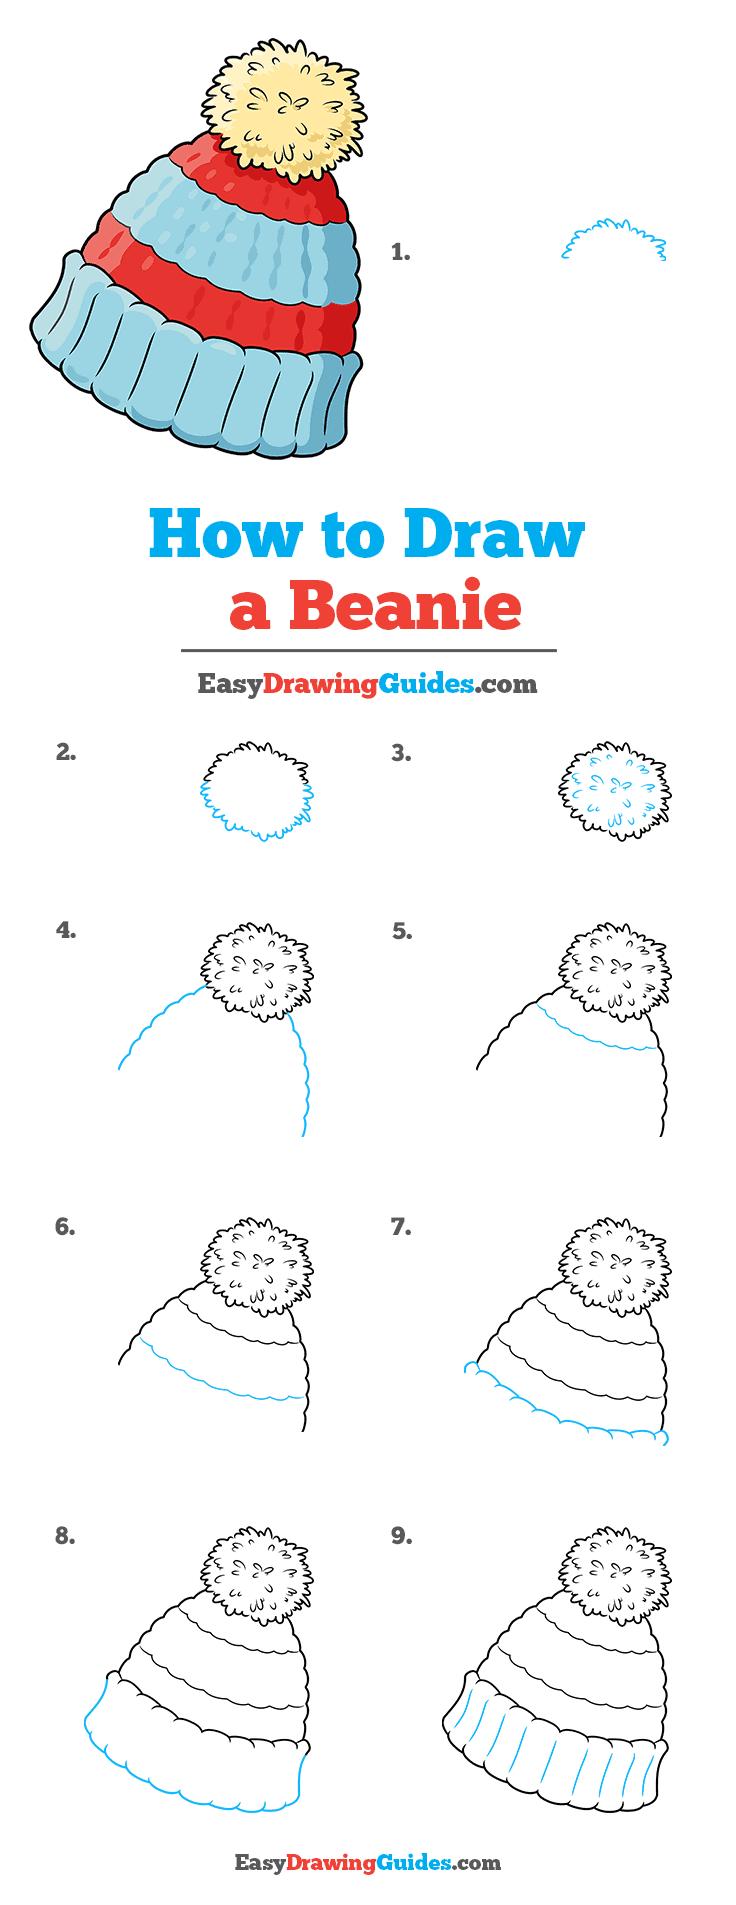 How to Draw Beanie